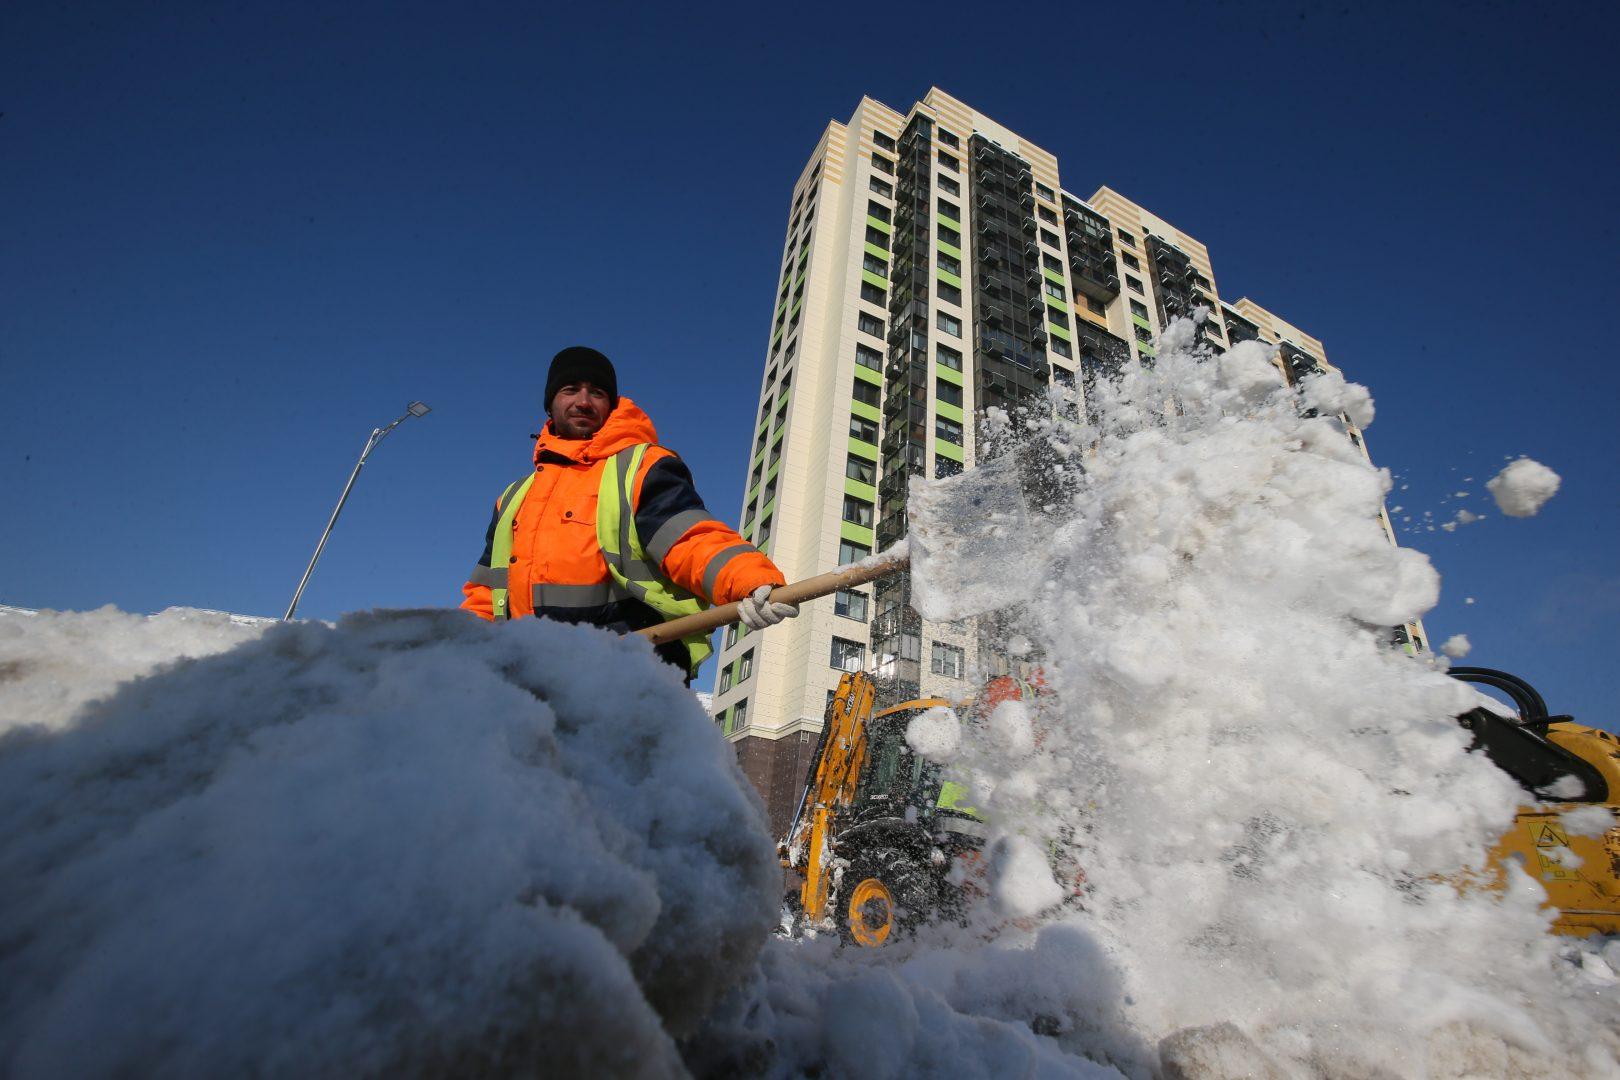 25 января 2018 года. Прошлая зима стала одной из самых снежных, но город справился! Фото: Виктор Хабаров.